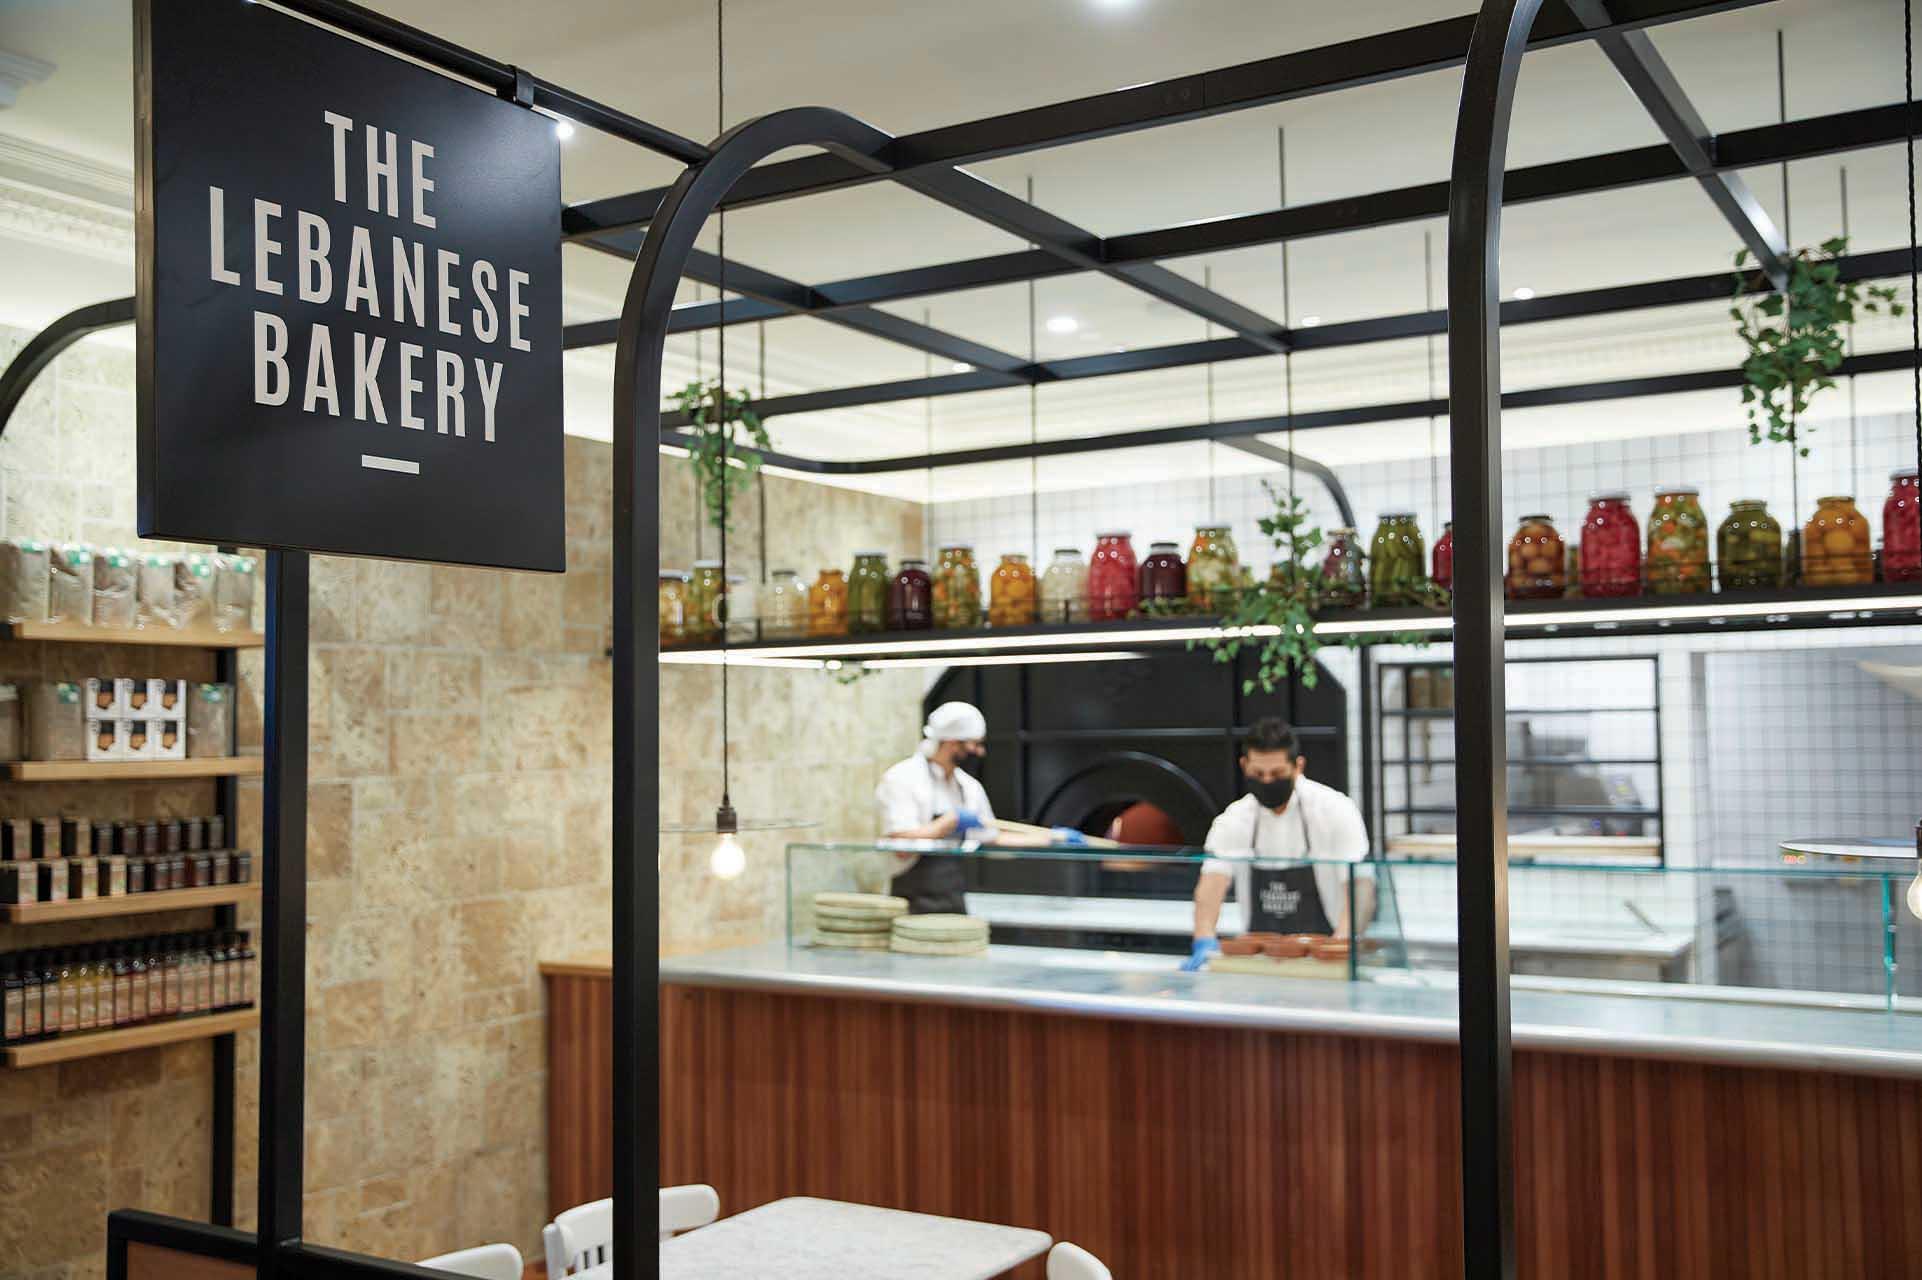 The Lebanese Bakery, Harrods